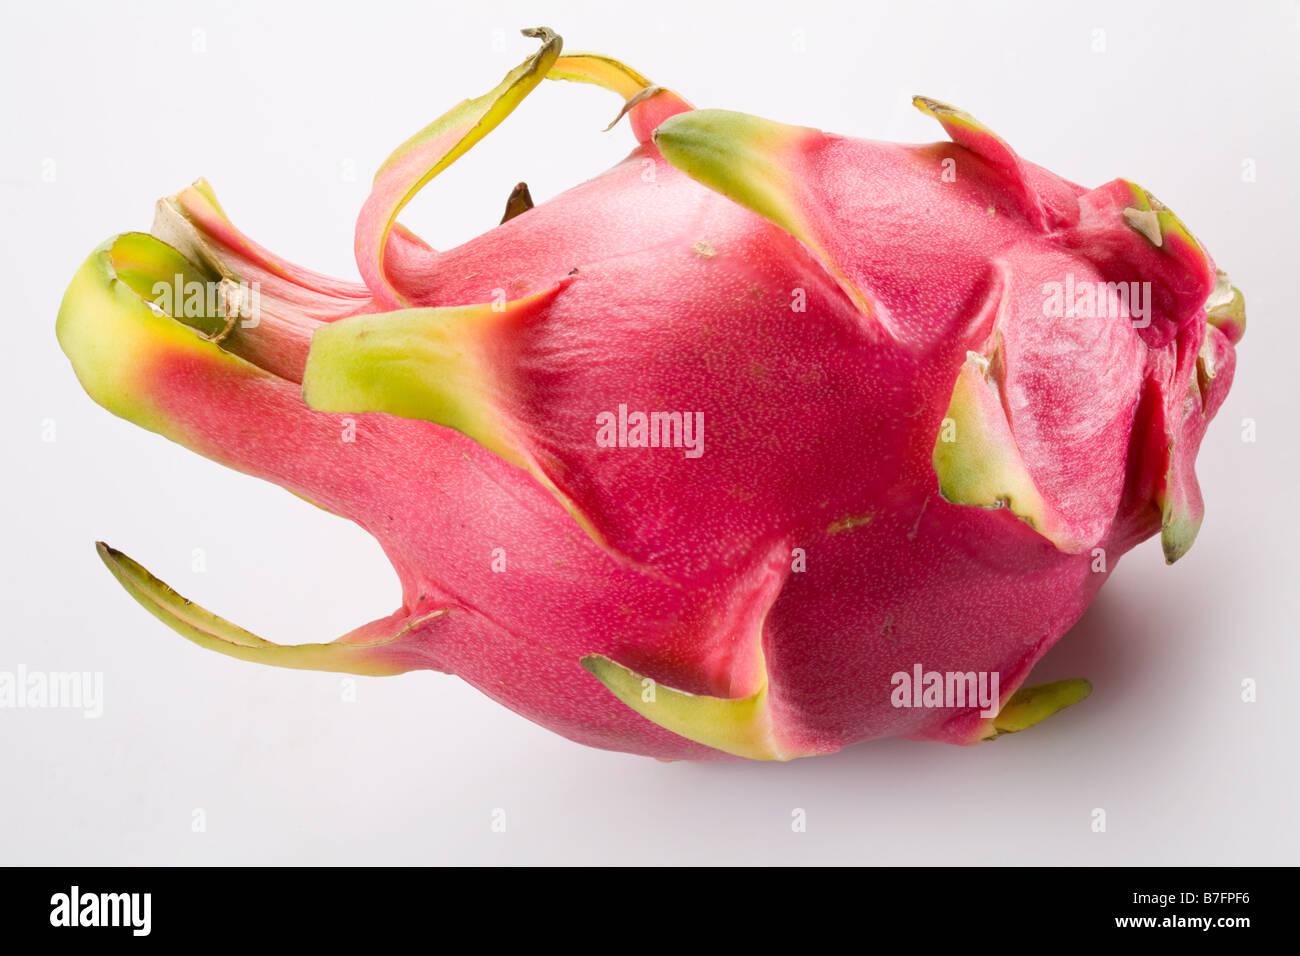 Pitaya dragon fruit - Stock Image